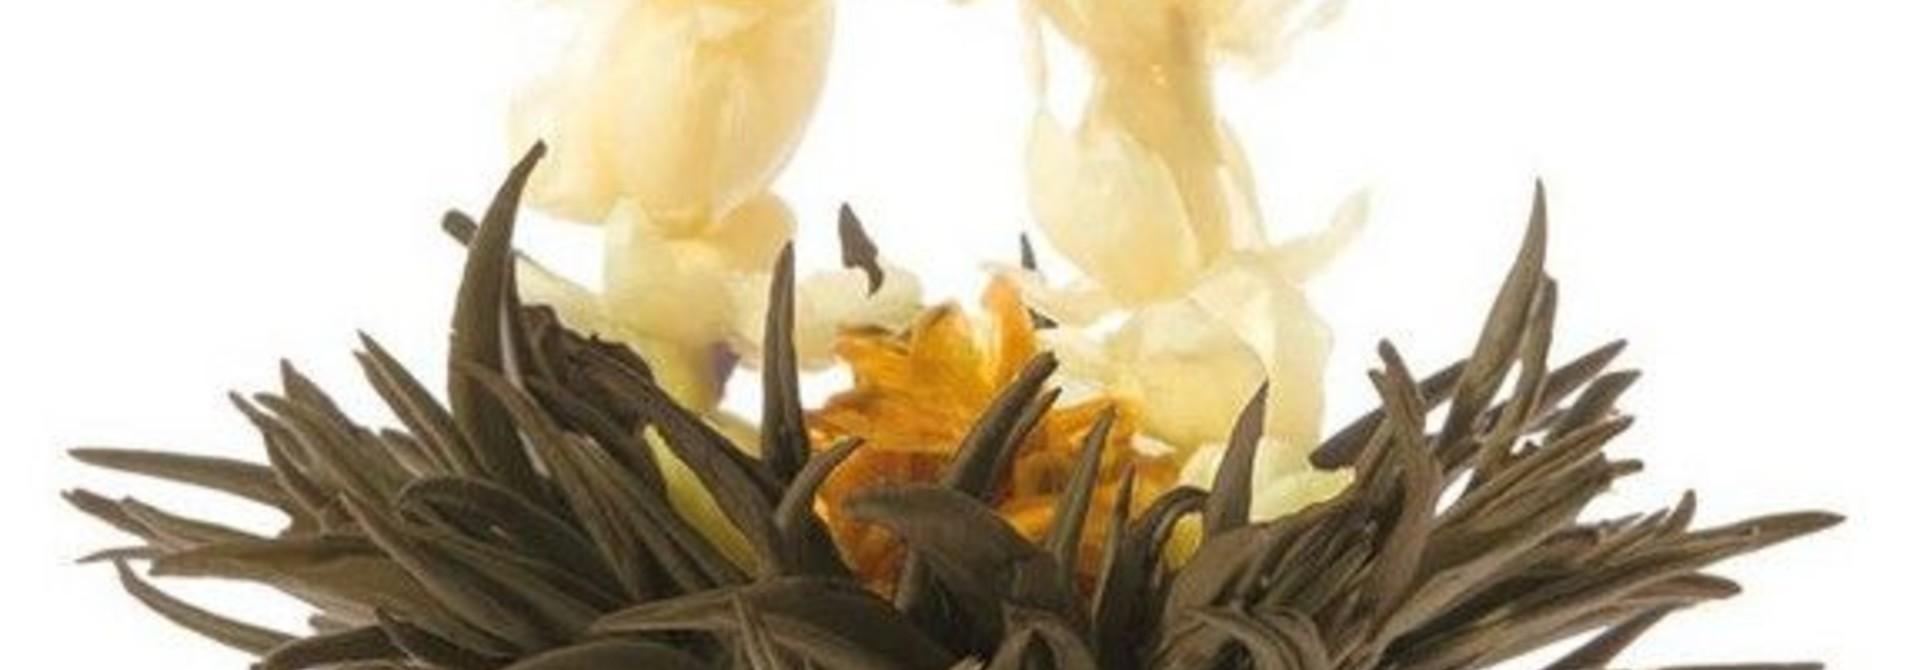 8 Flower Ring Theebloemen